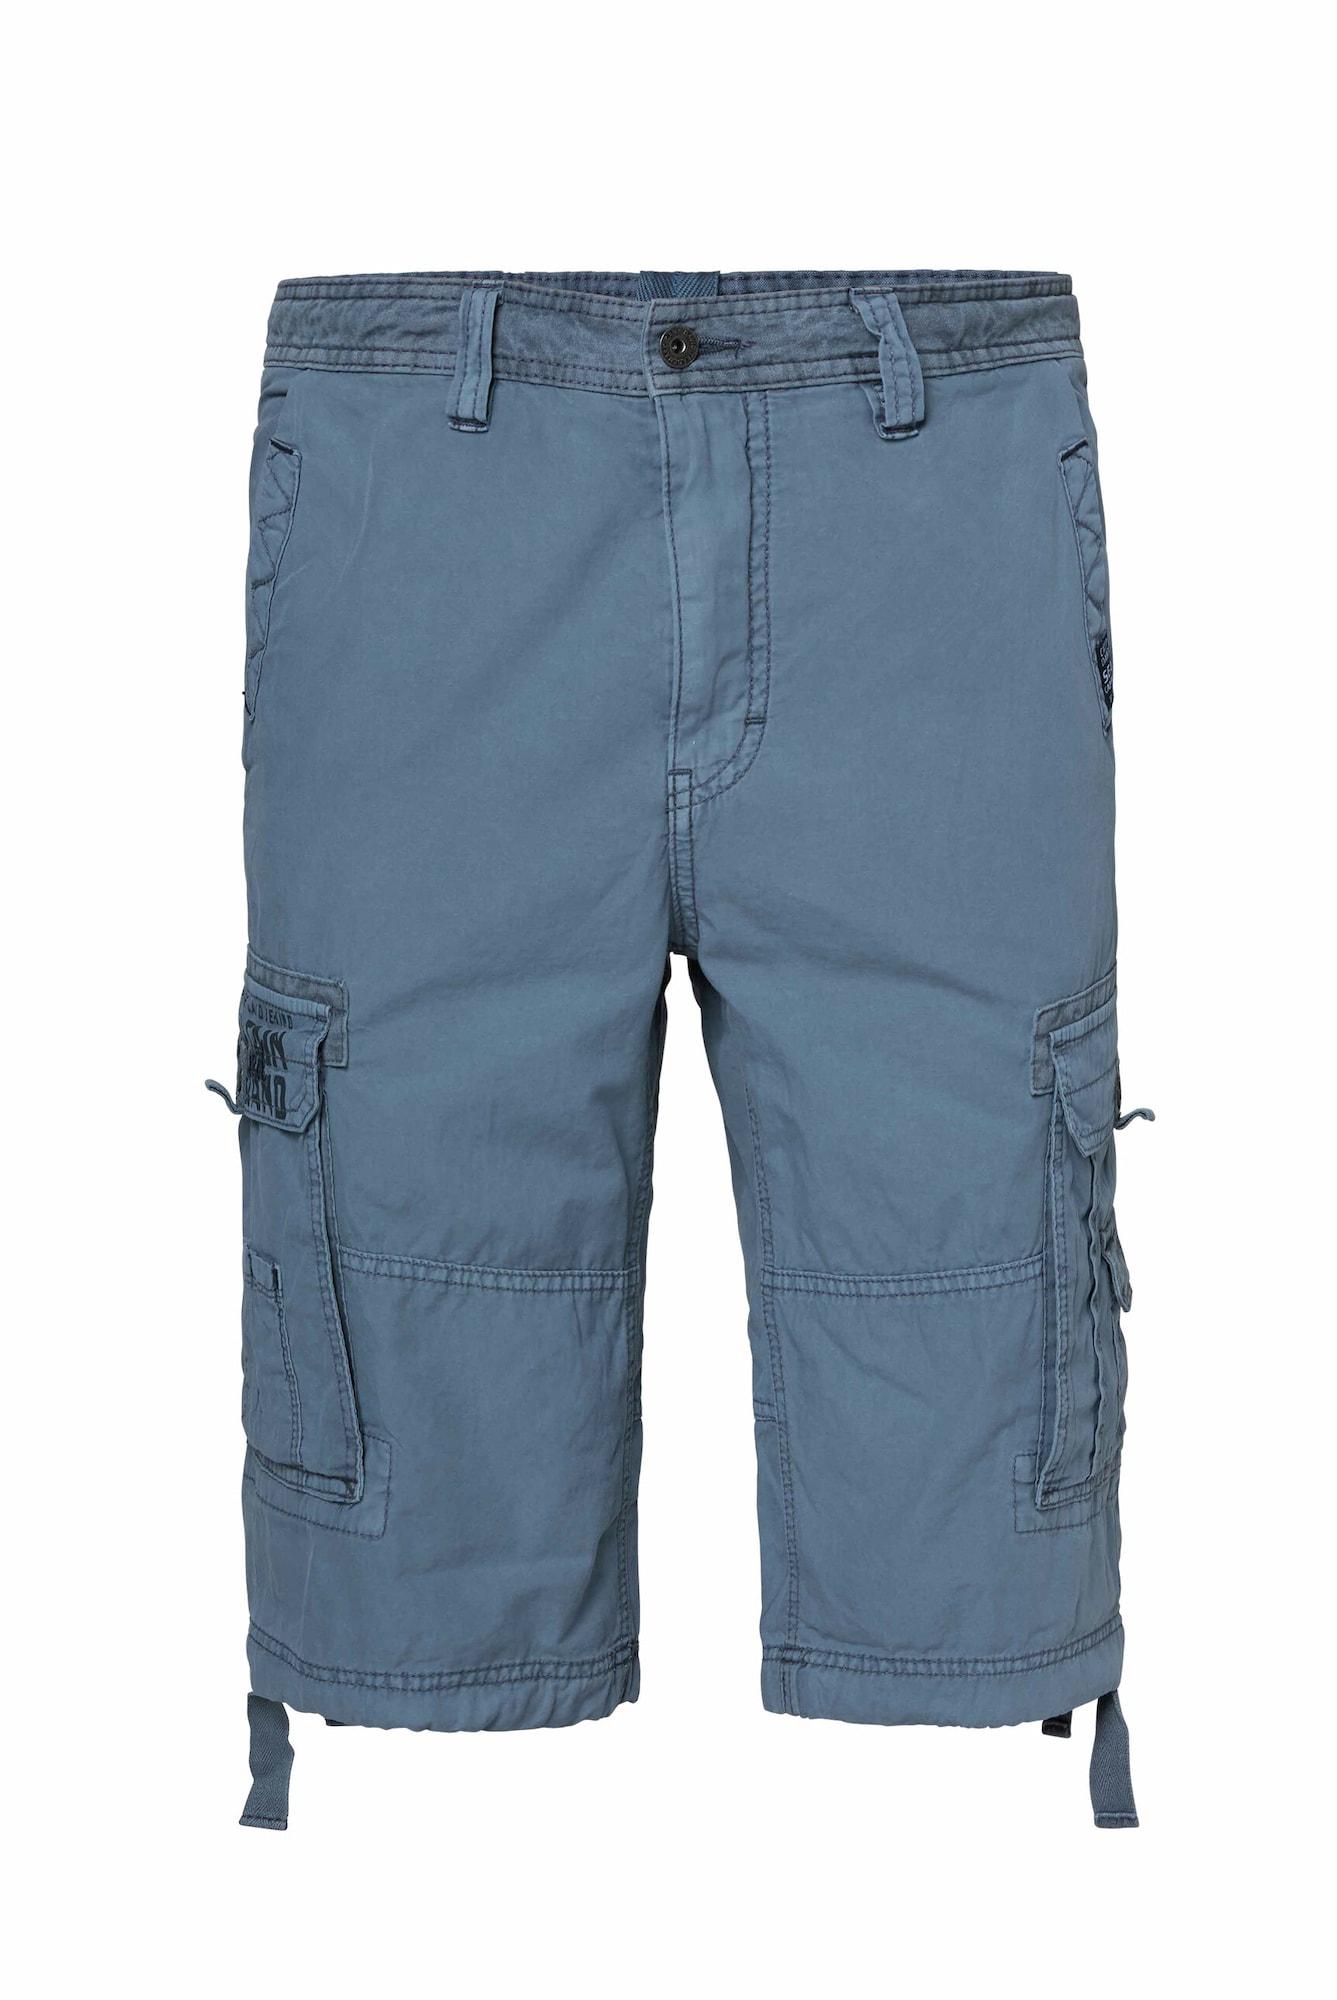 CAMP DAVID Laisvo stiliaus kelnės mėlyna